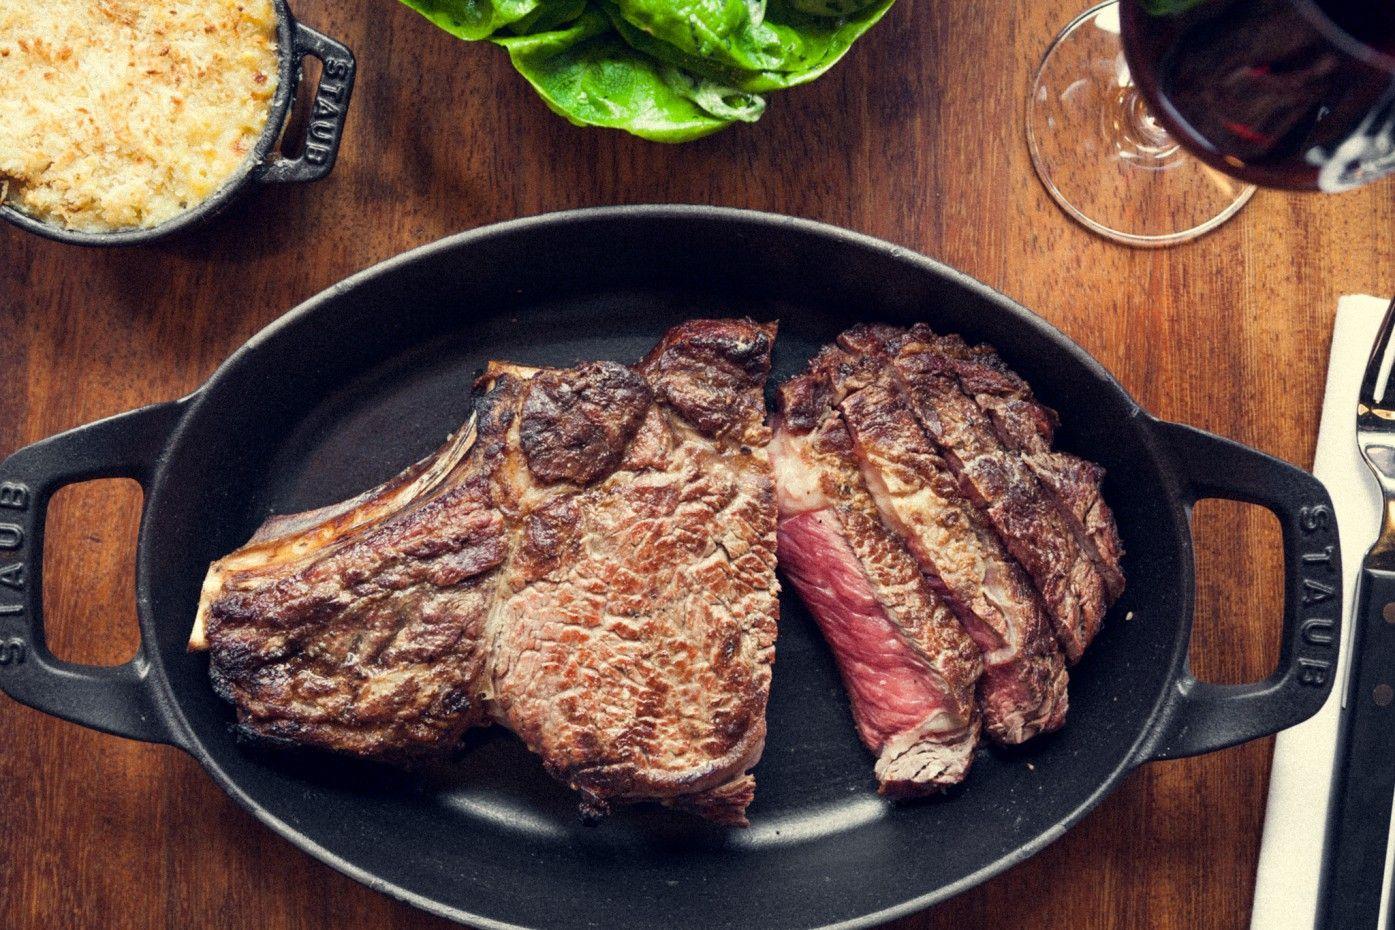 Kur didkepsnius valgo geriausi virtuvės meistrai